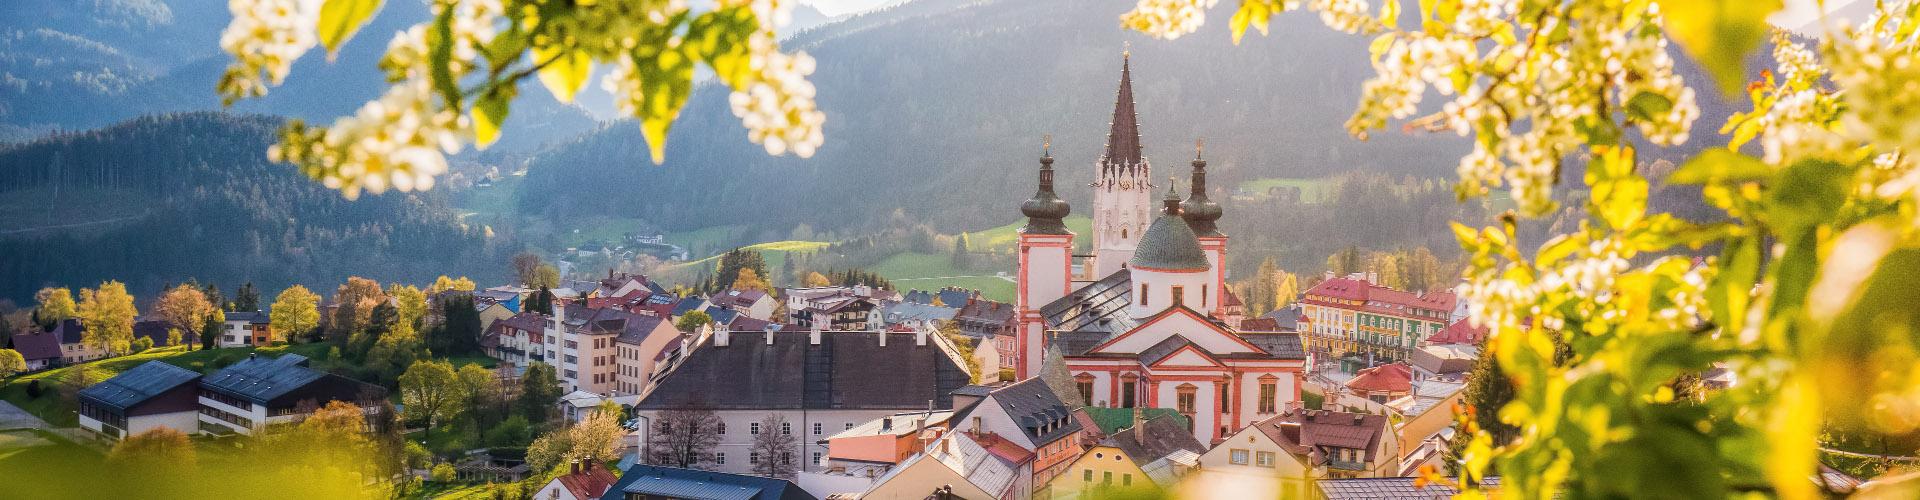 Blick auf Mariazell im Frühjahr, © www.mariazell.blog/Fotograf: Fred Lindmoser